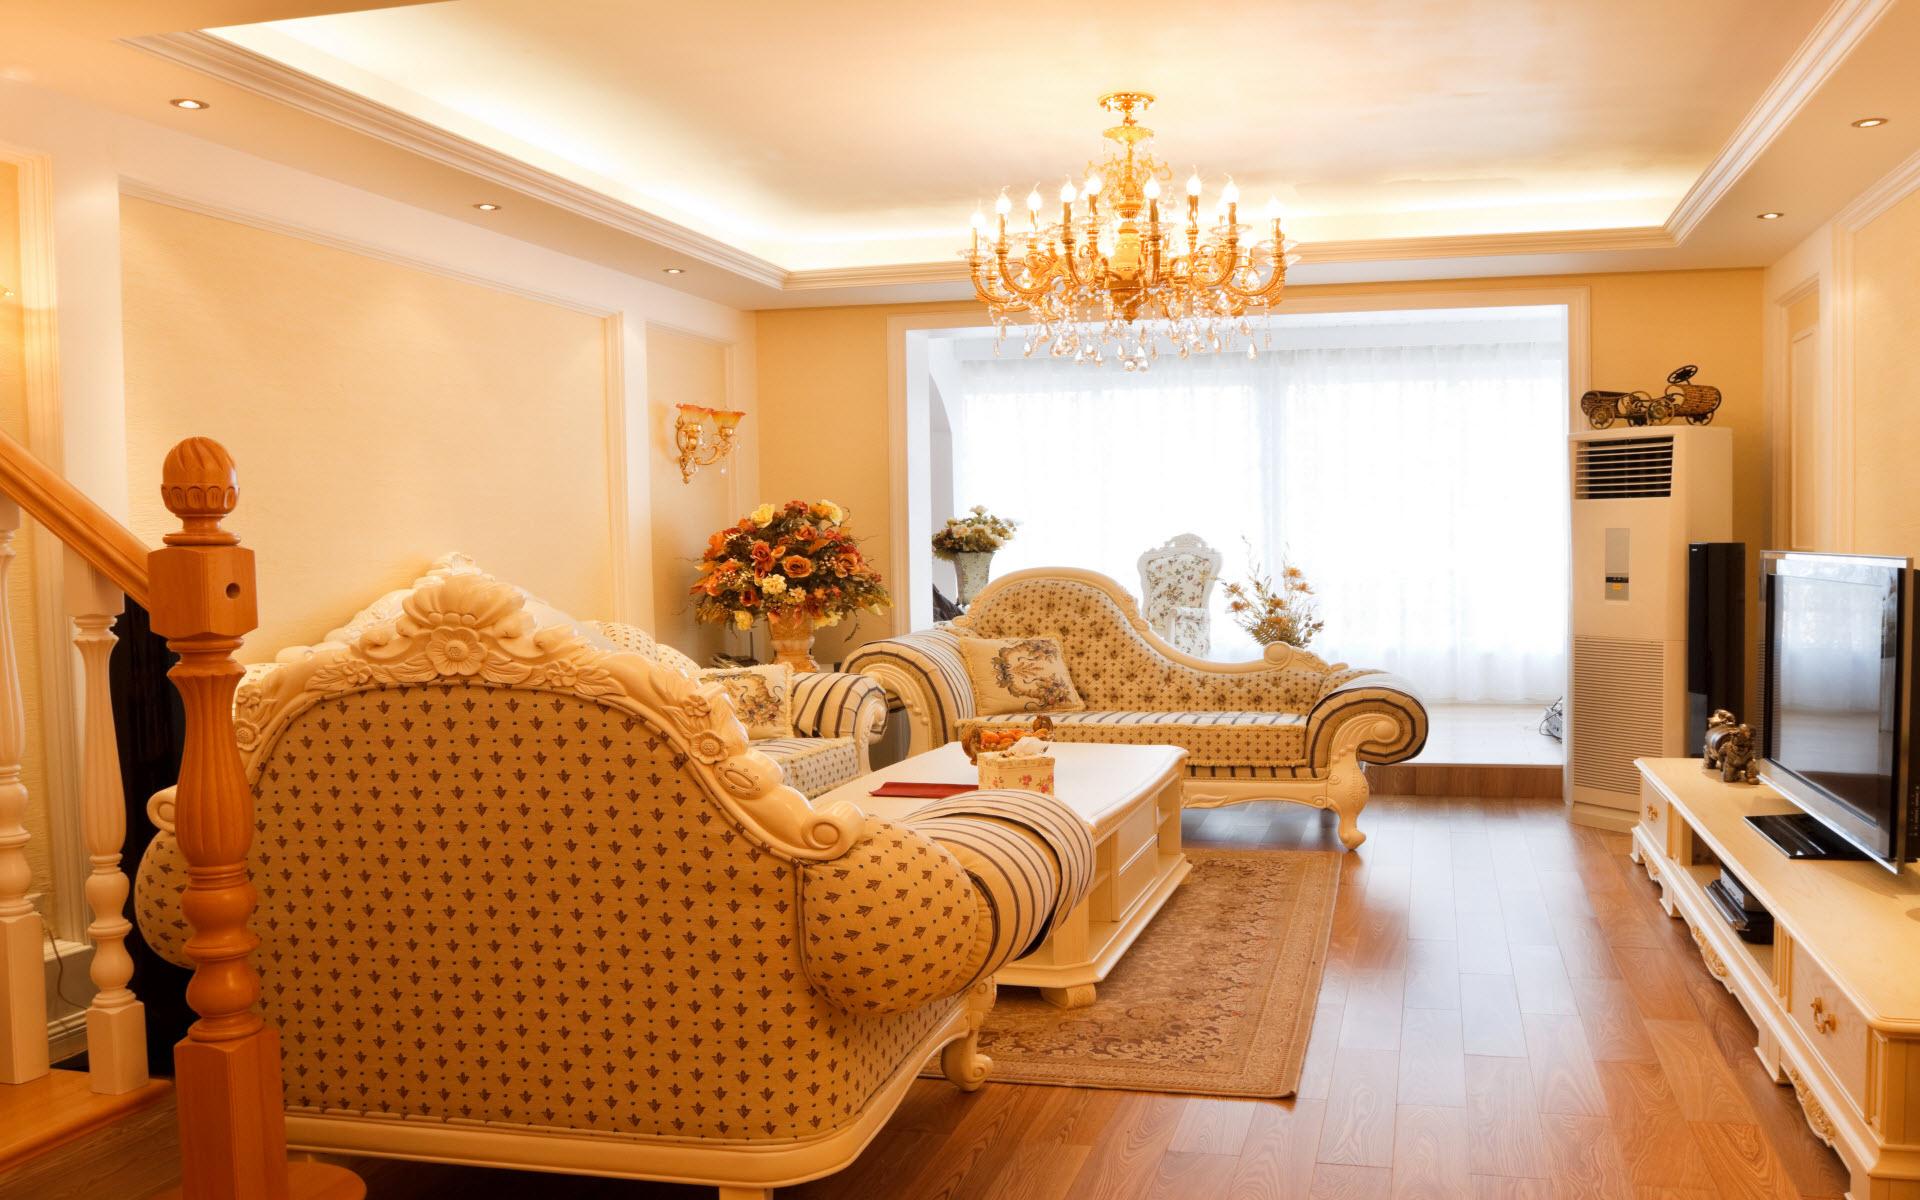 должна фото ремонта дома внутри разных комнат смысл детально